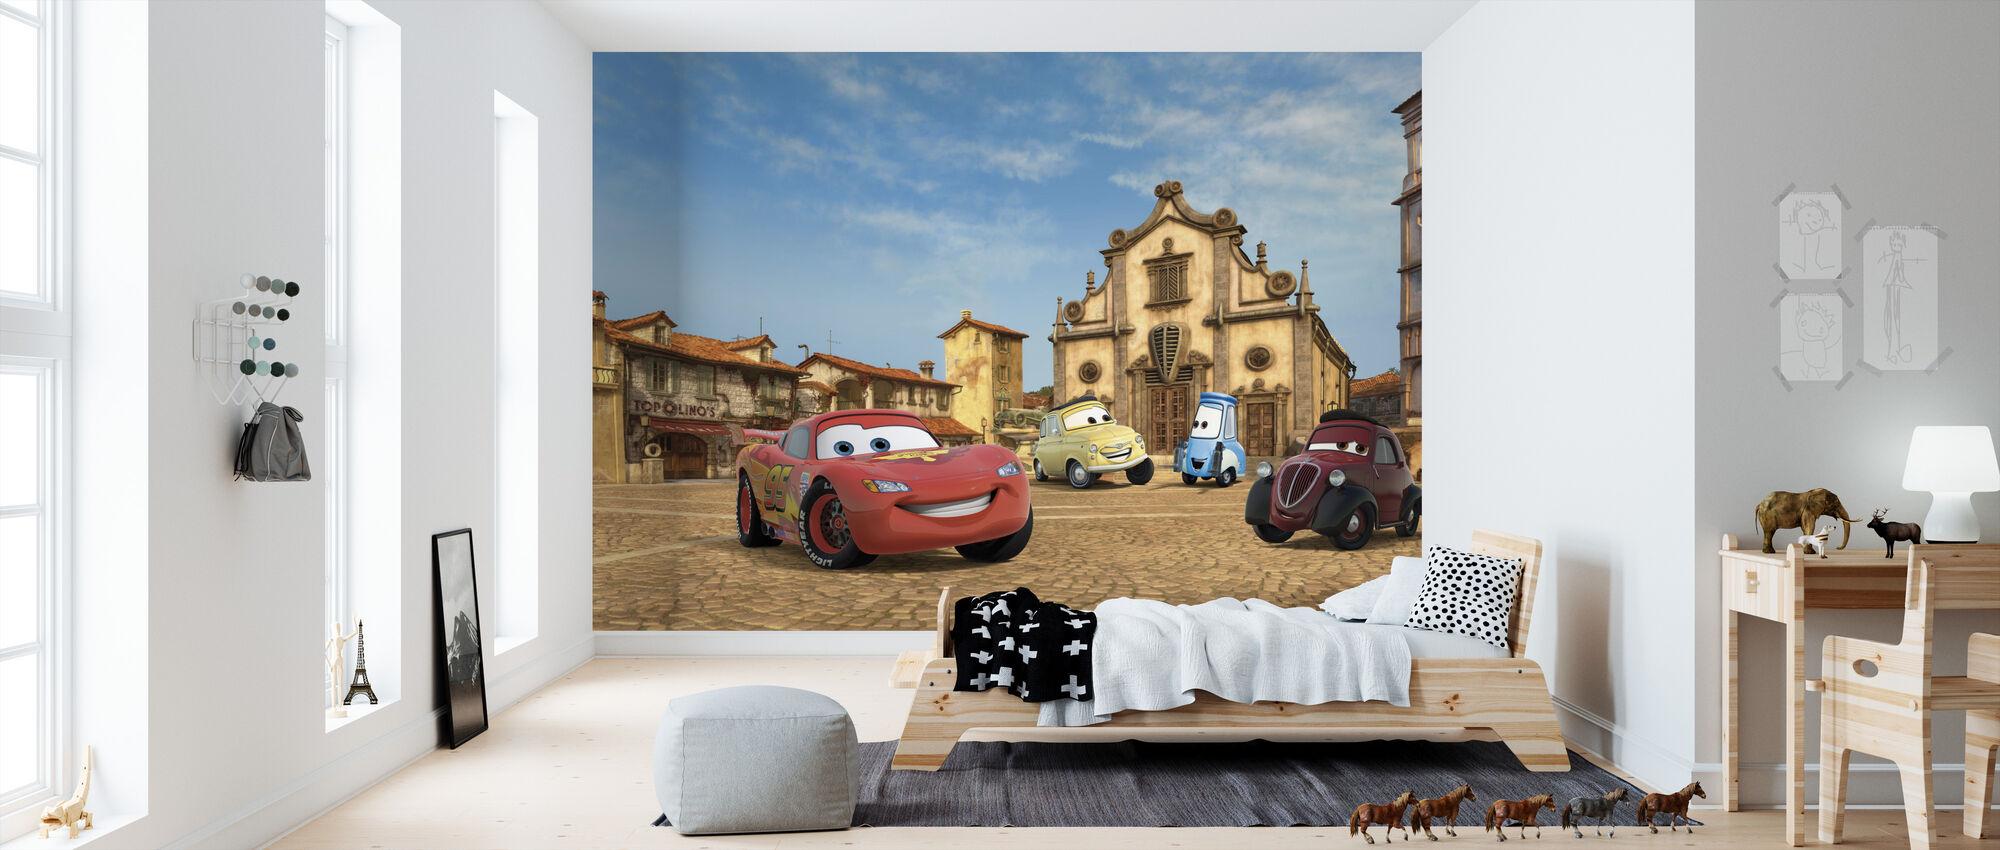 Autot Topolinos Square - Tapetti - Lastenhuone